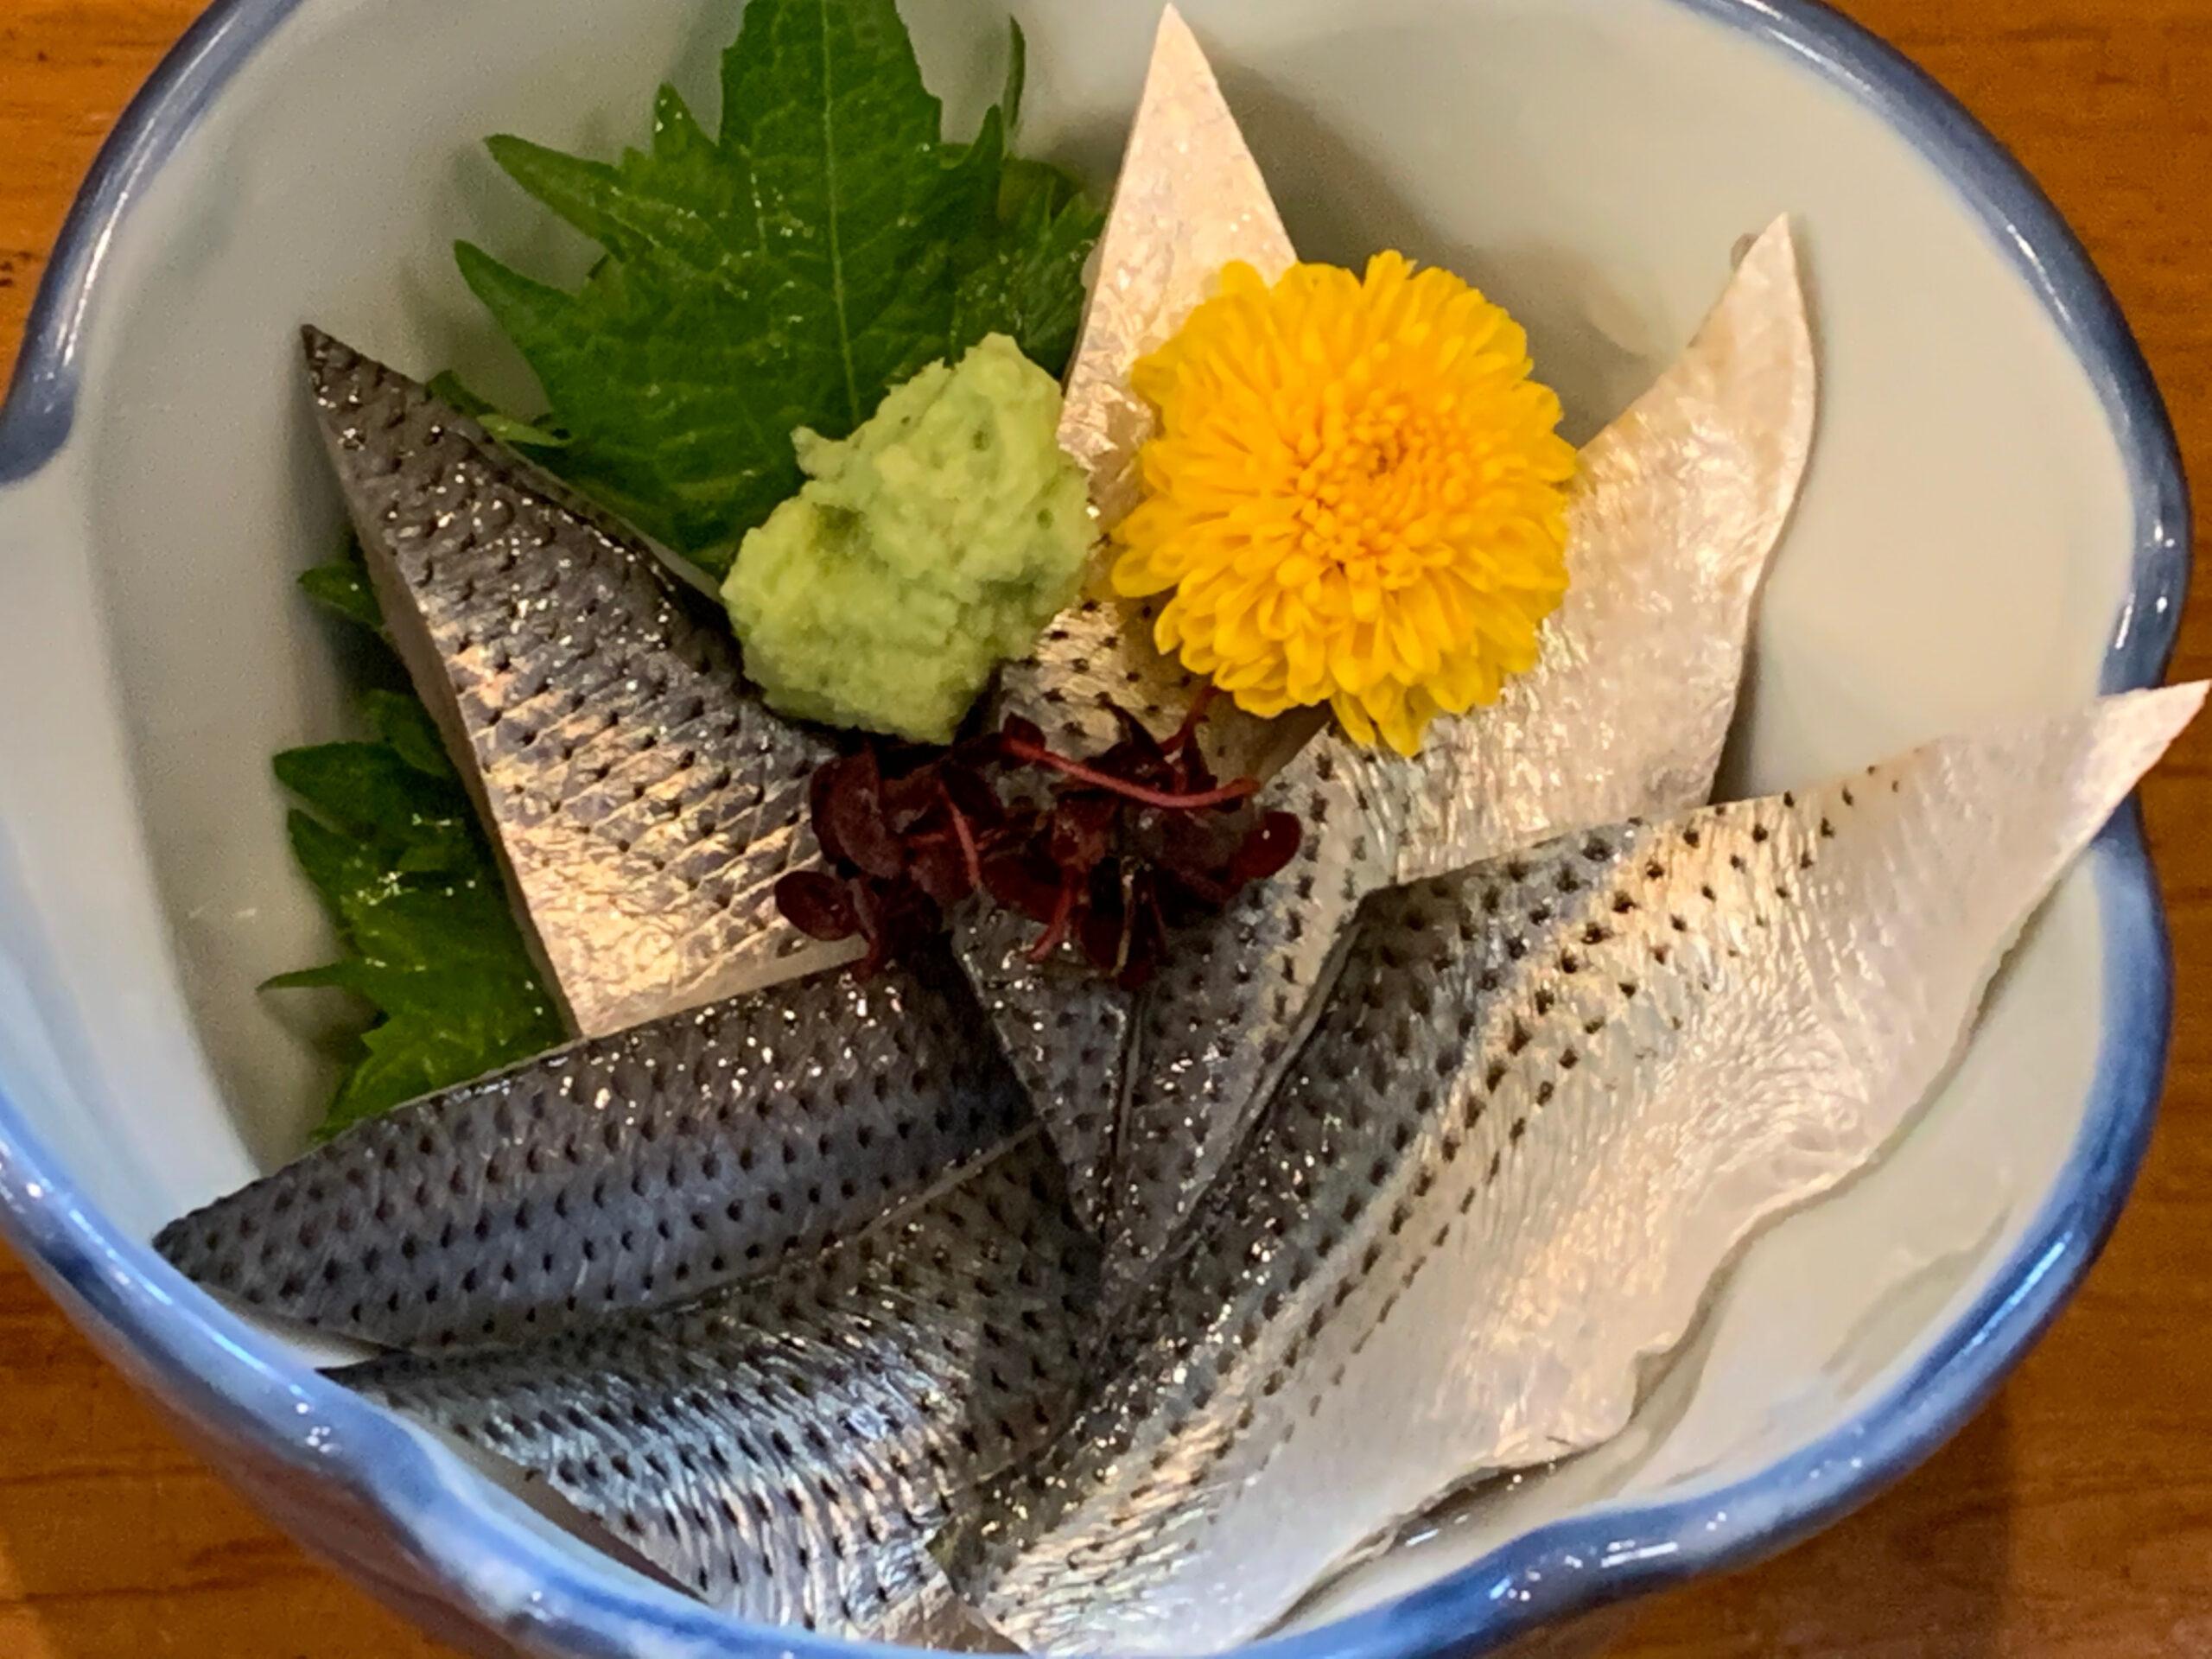 浅草で美味しい魚介類を頂くなら、老舗名店「志婦や」がおすすめです